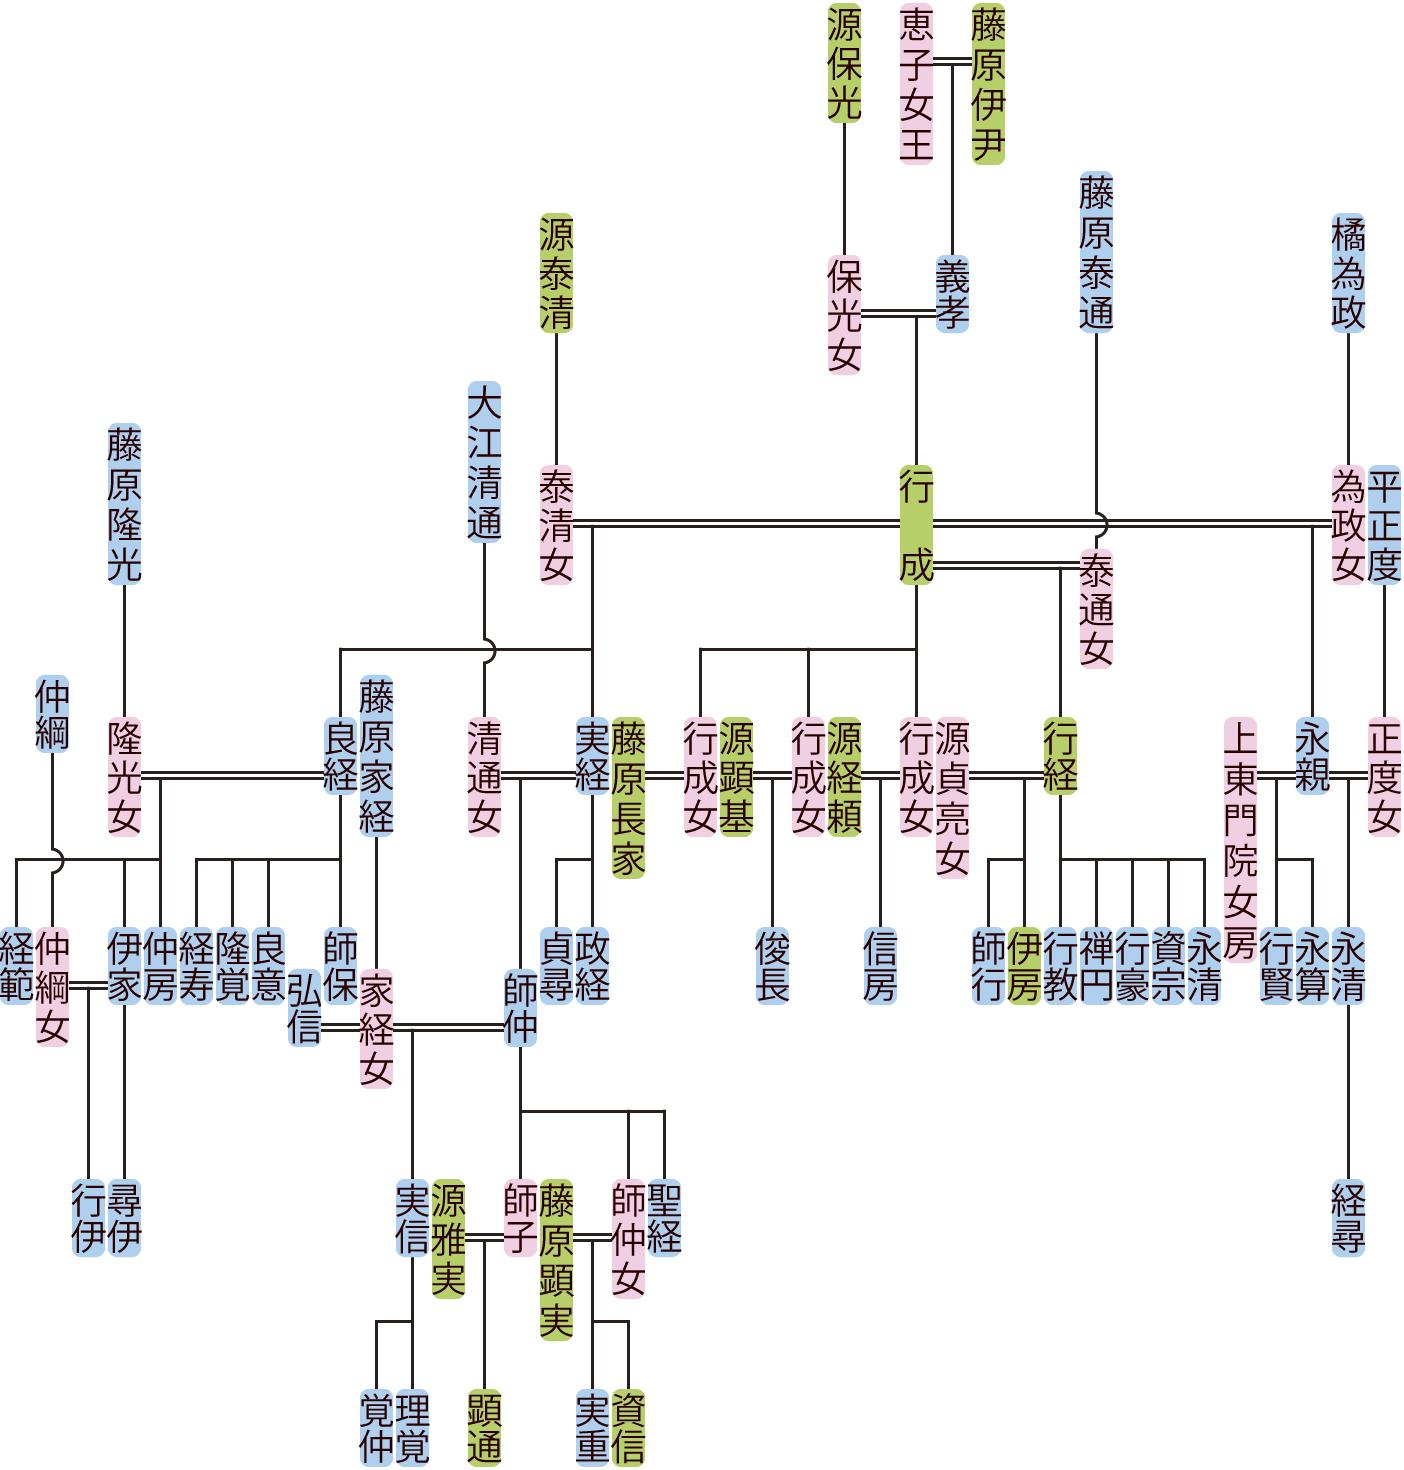 藤原行成の系図